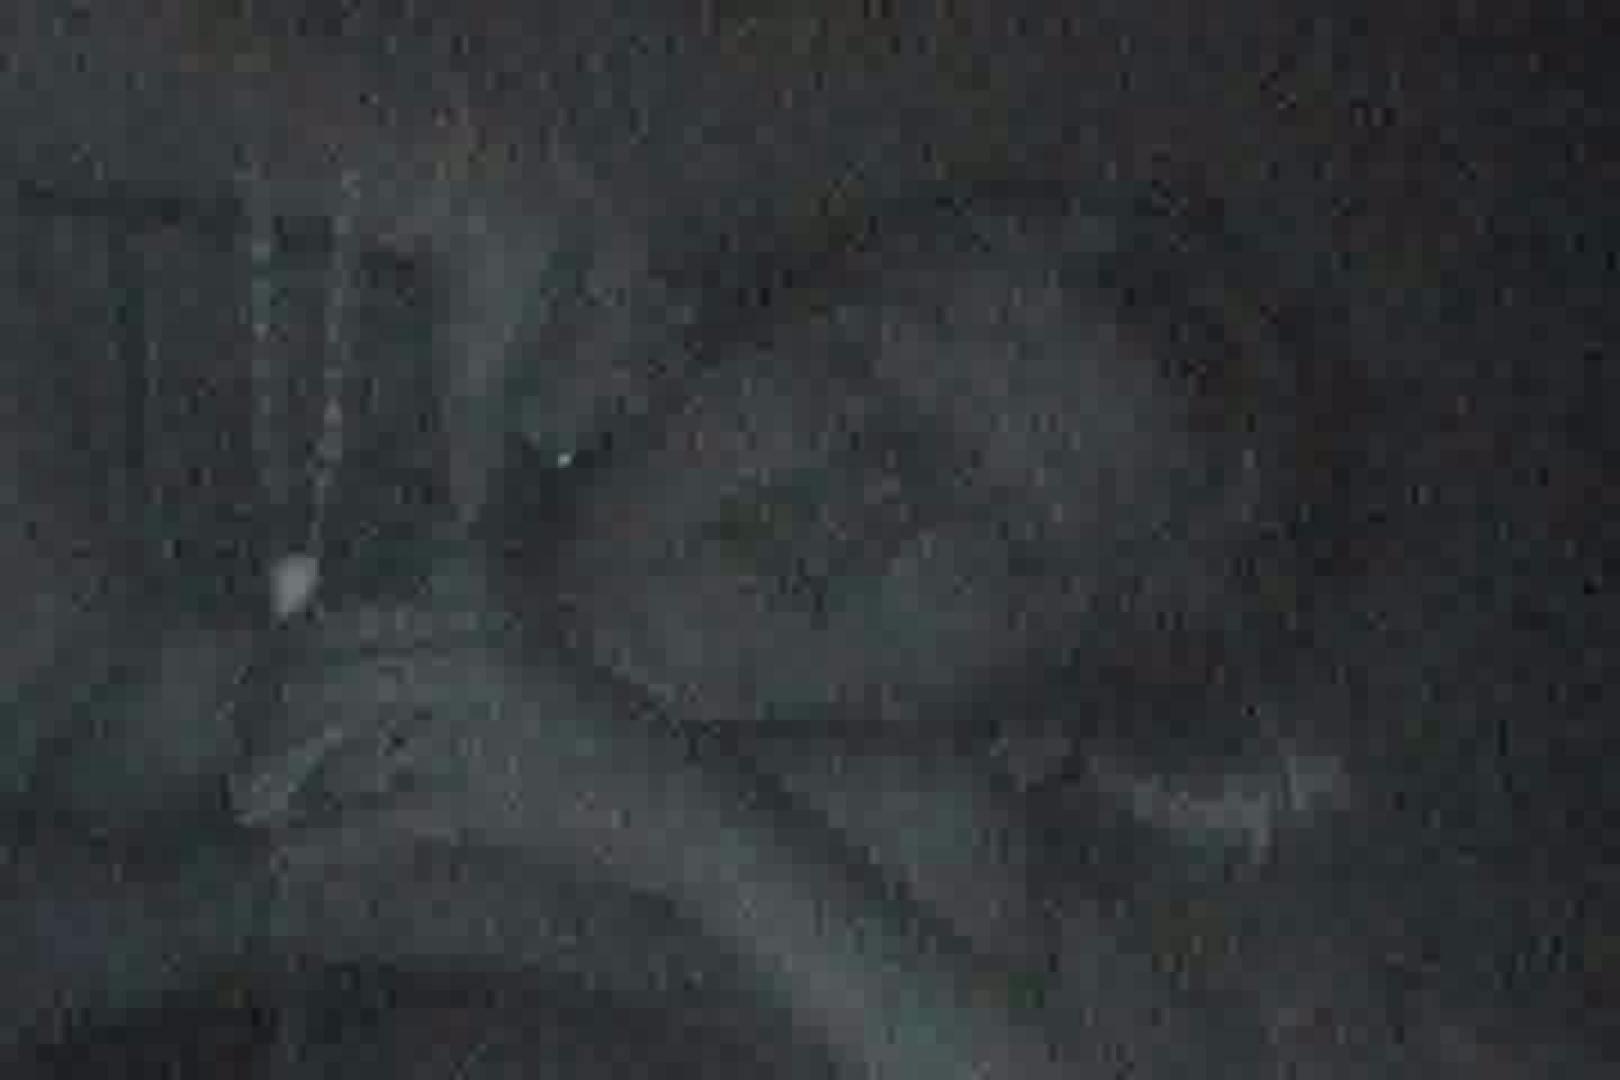 充血監督の深夜の運動会Vol.7 接写 | おまんこ無修正  98画像 82